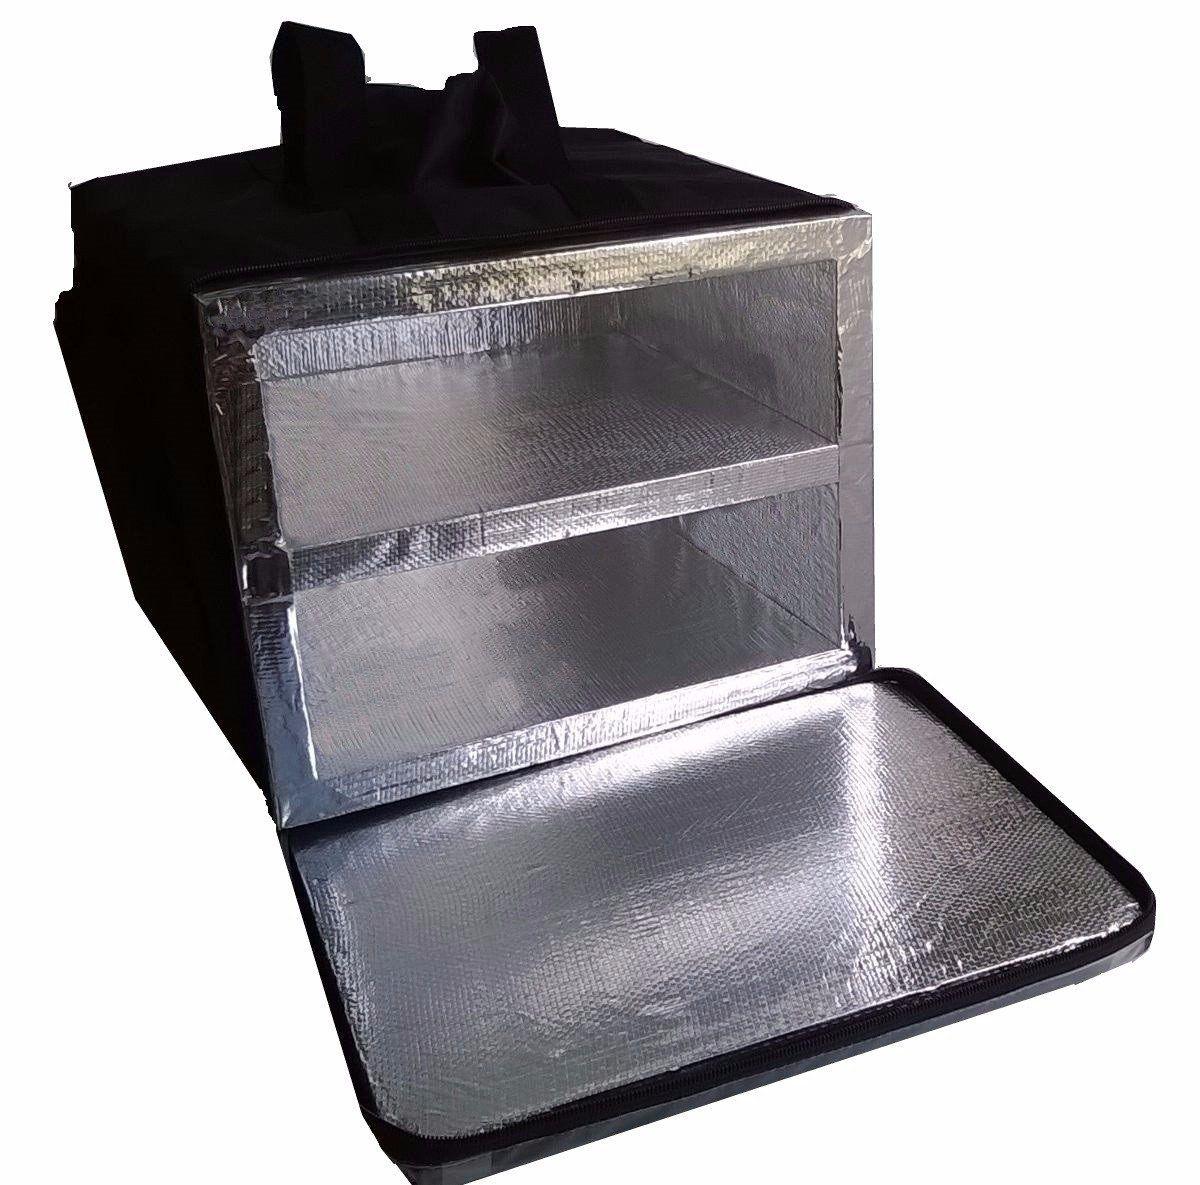 Bolsa Mochila Pizza Lanches 2 Divisórias Alumínio 40cm Bpal (para caixas de pizza que tenham até 40cm por fora)  - GuerreiroOnline